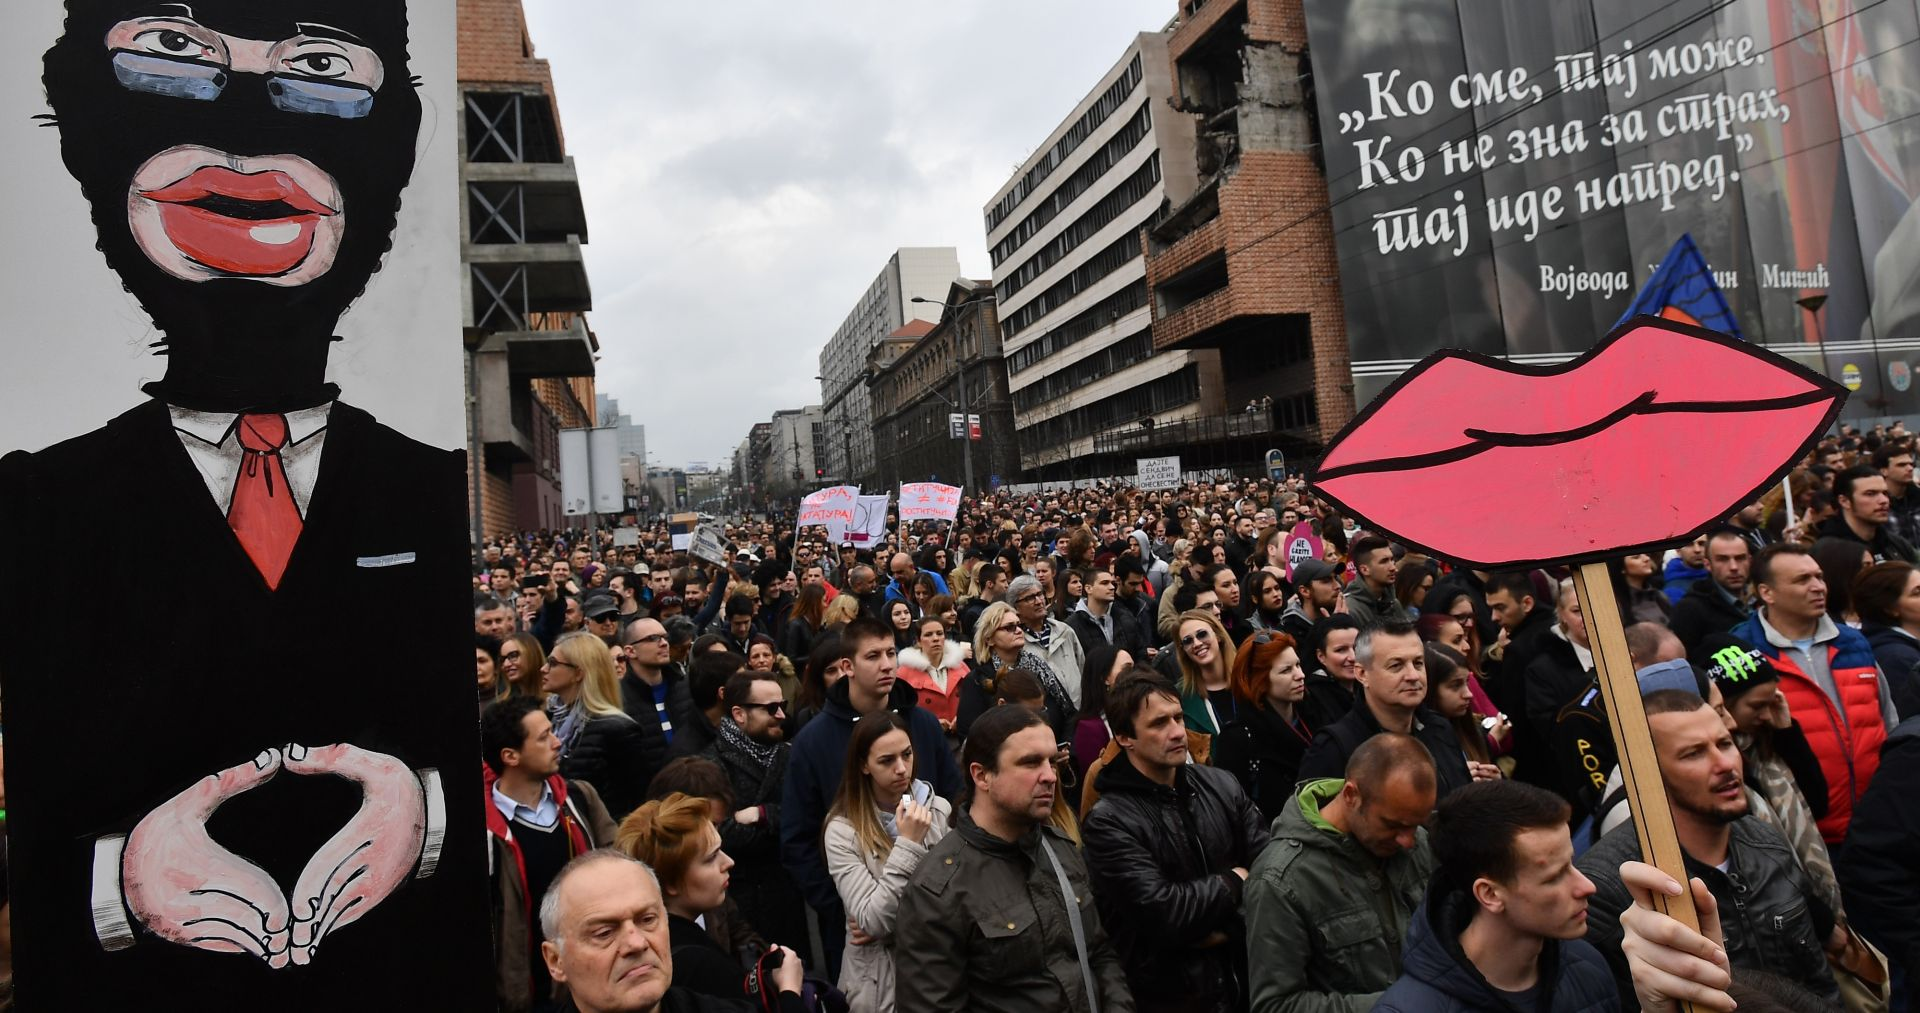 Prosvjedi mladih u Srbiji zaprepastili su ne samo Vučića, nego i cijelu opoziciju